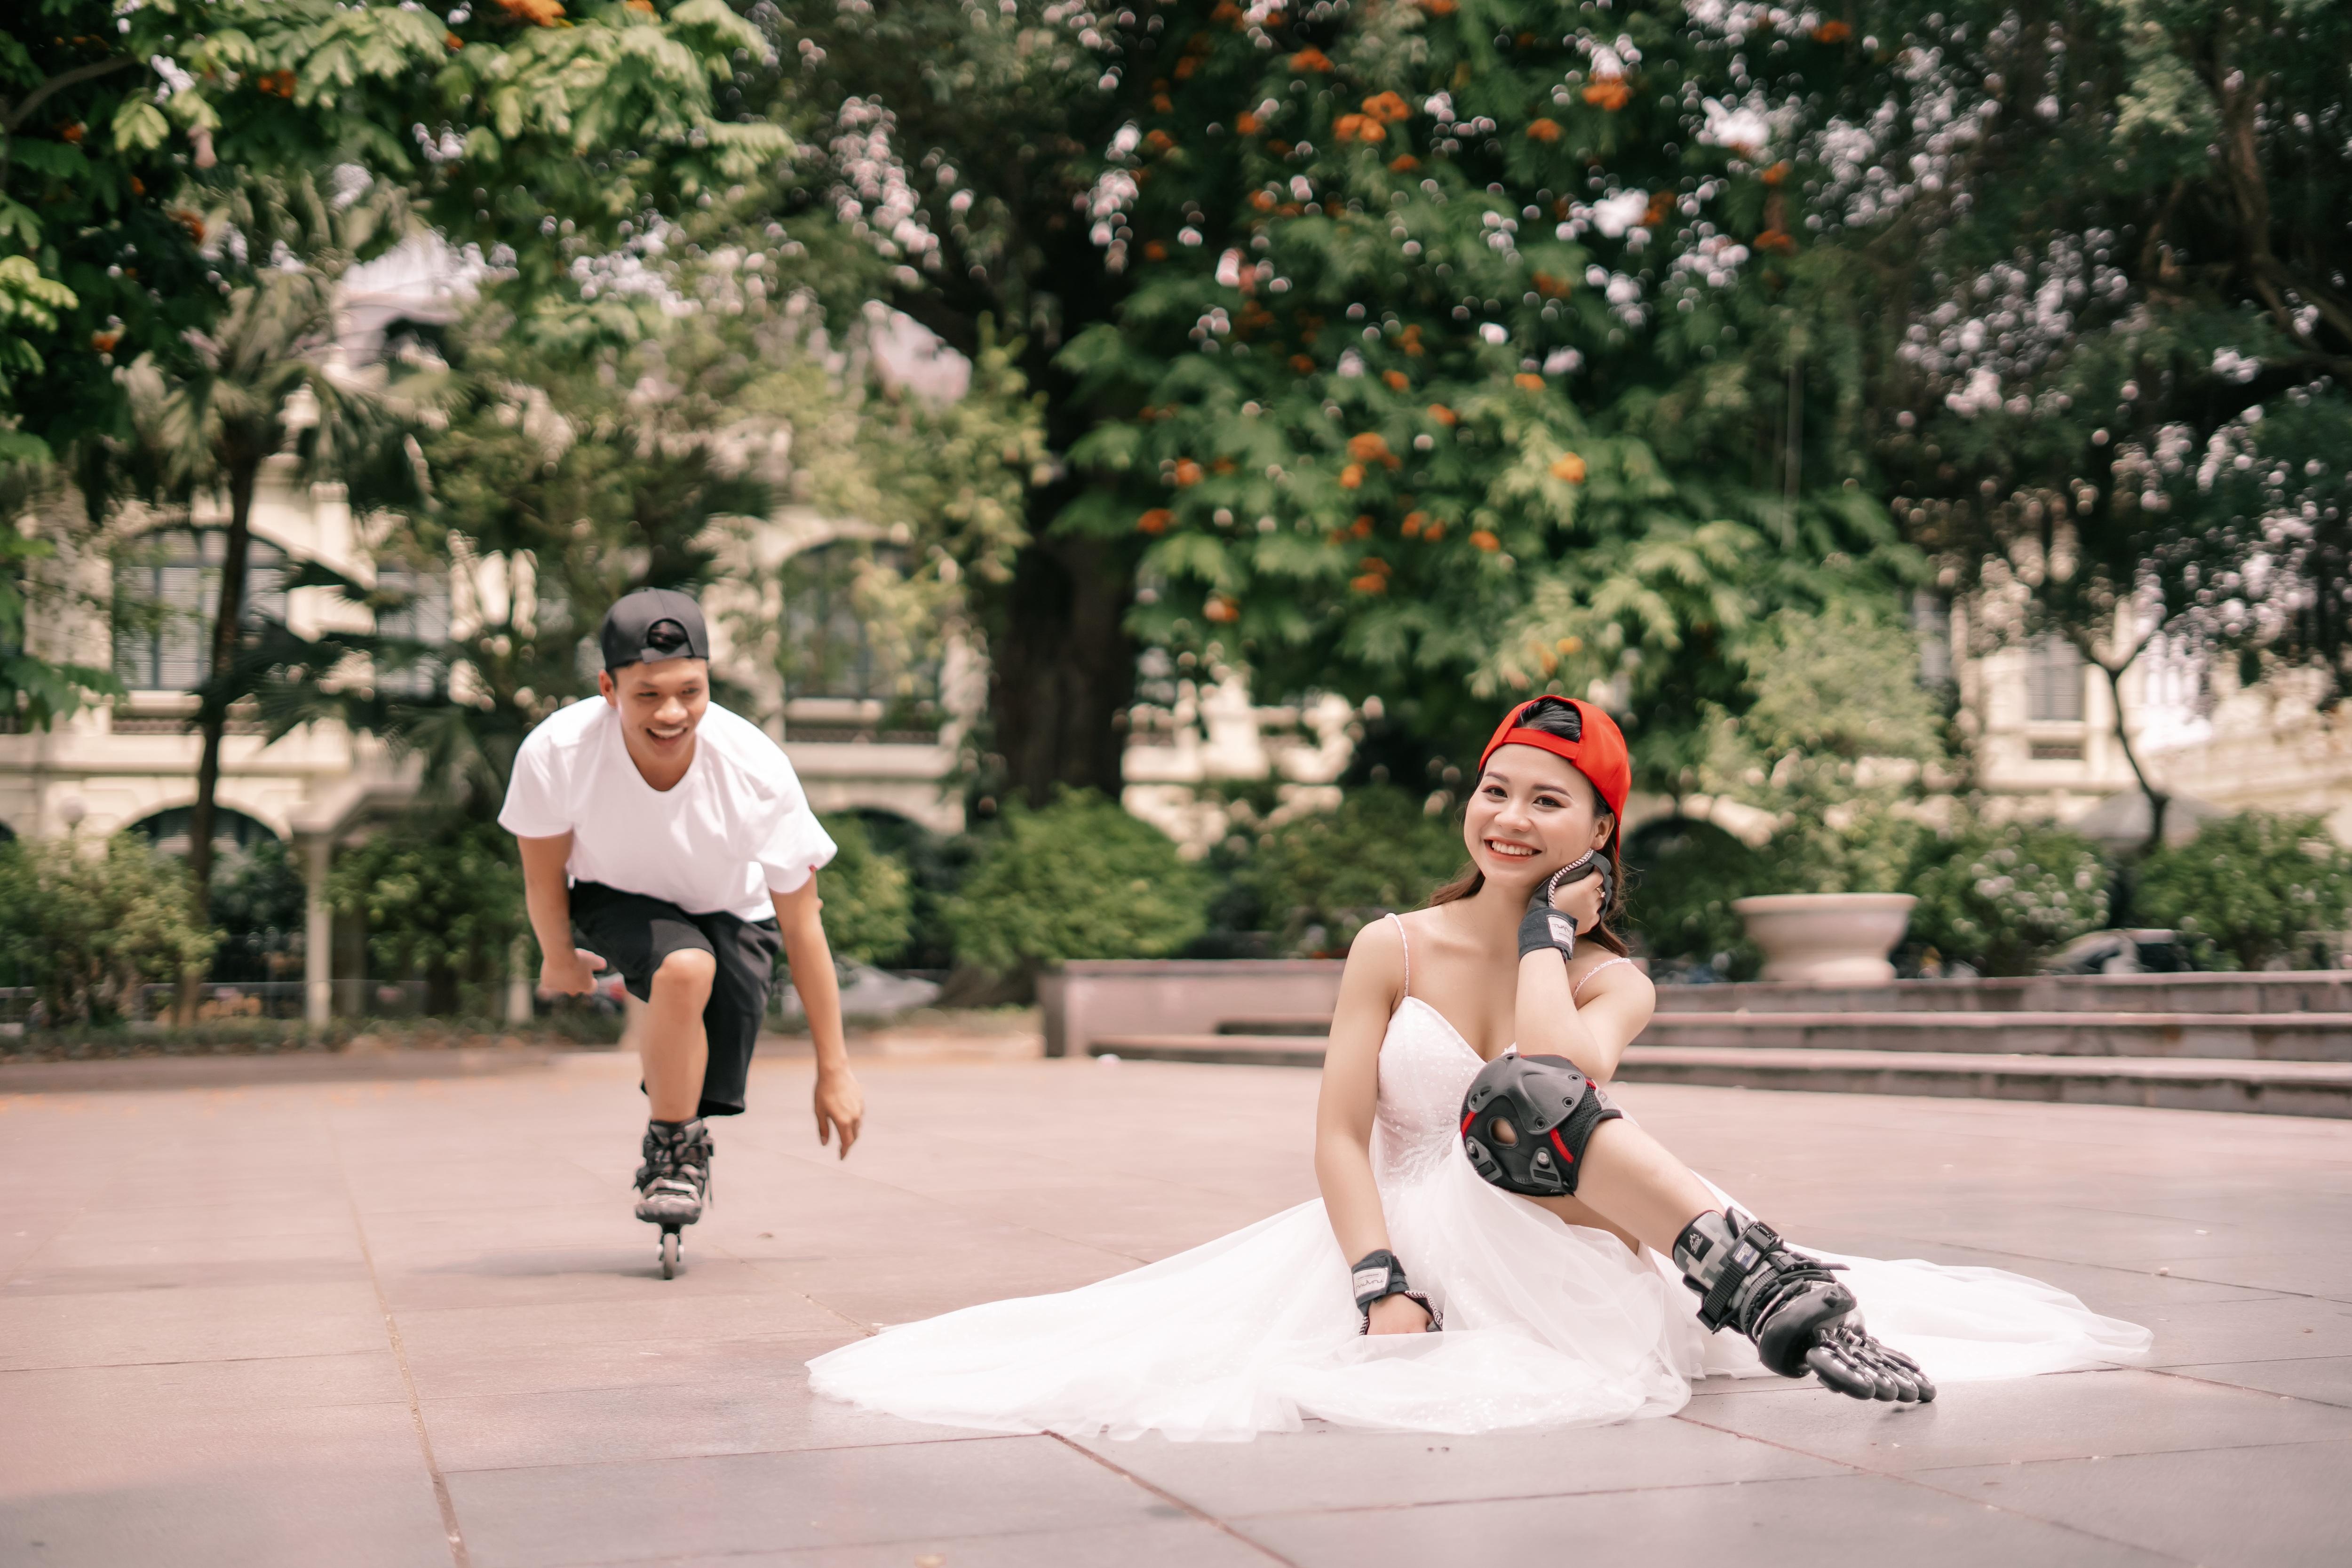 Tình yêu của vợ chồng lính chì dũng cảm: Hơn cả một câu chuyện tình - 7